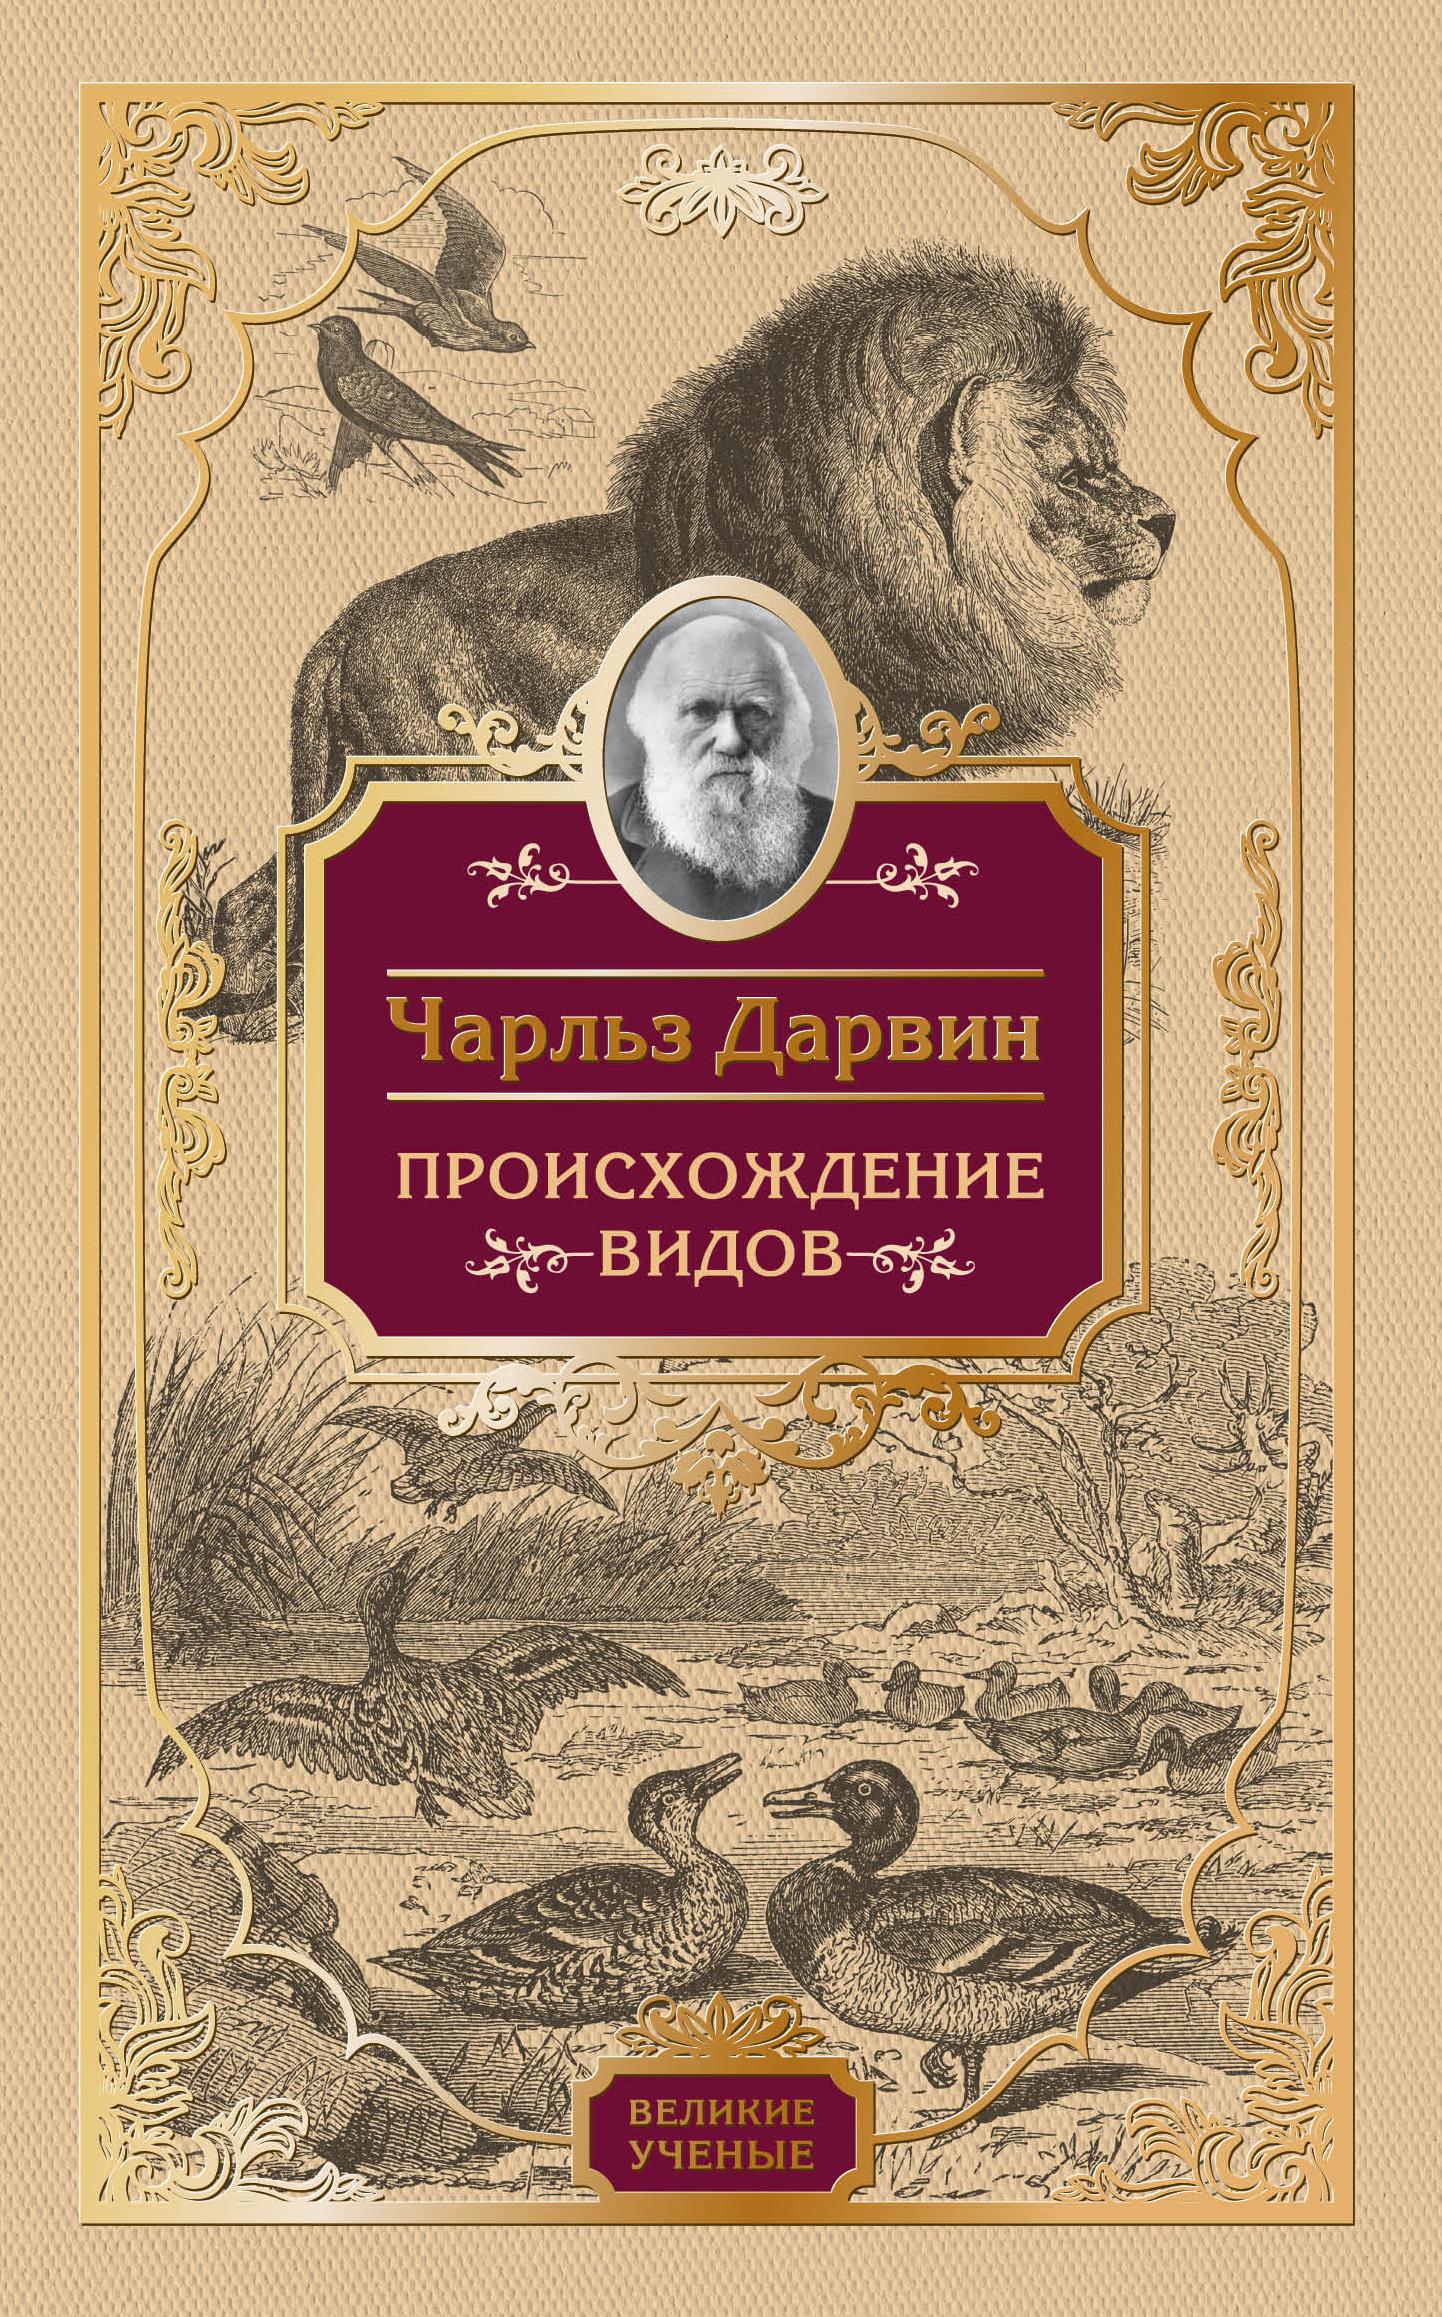 Чарльз Дарвин «Происхождение видов»